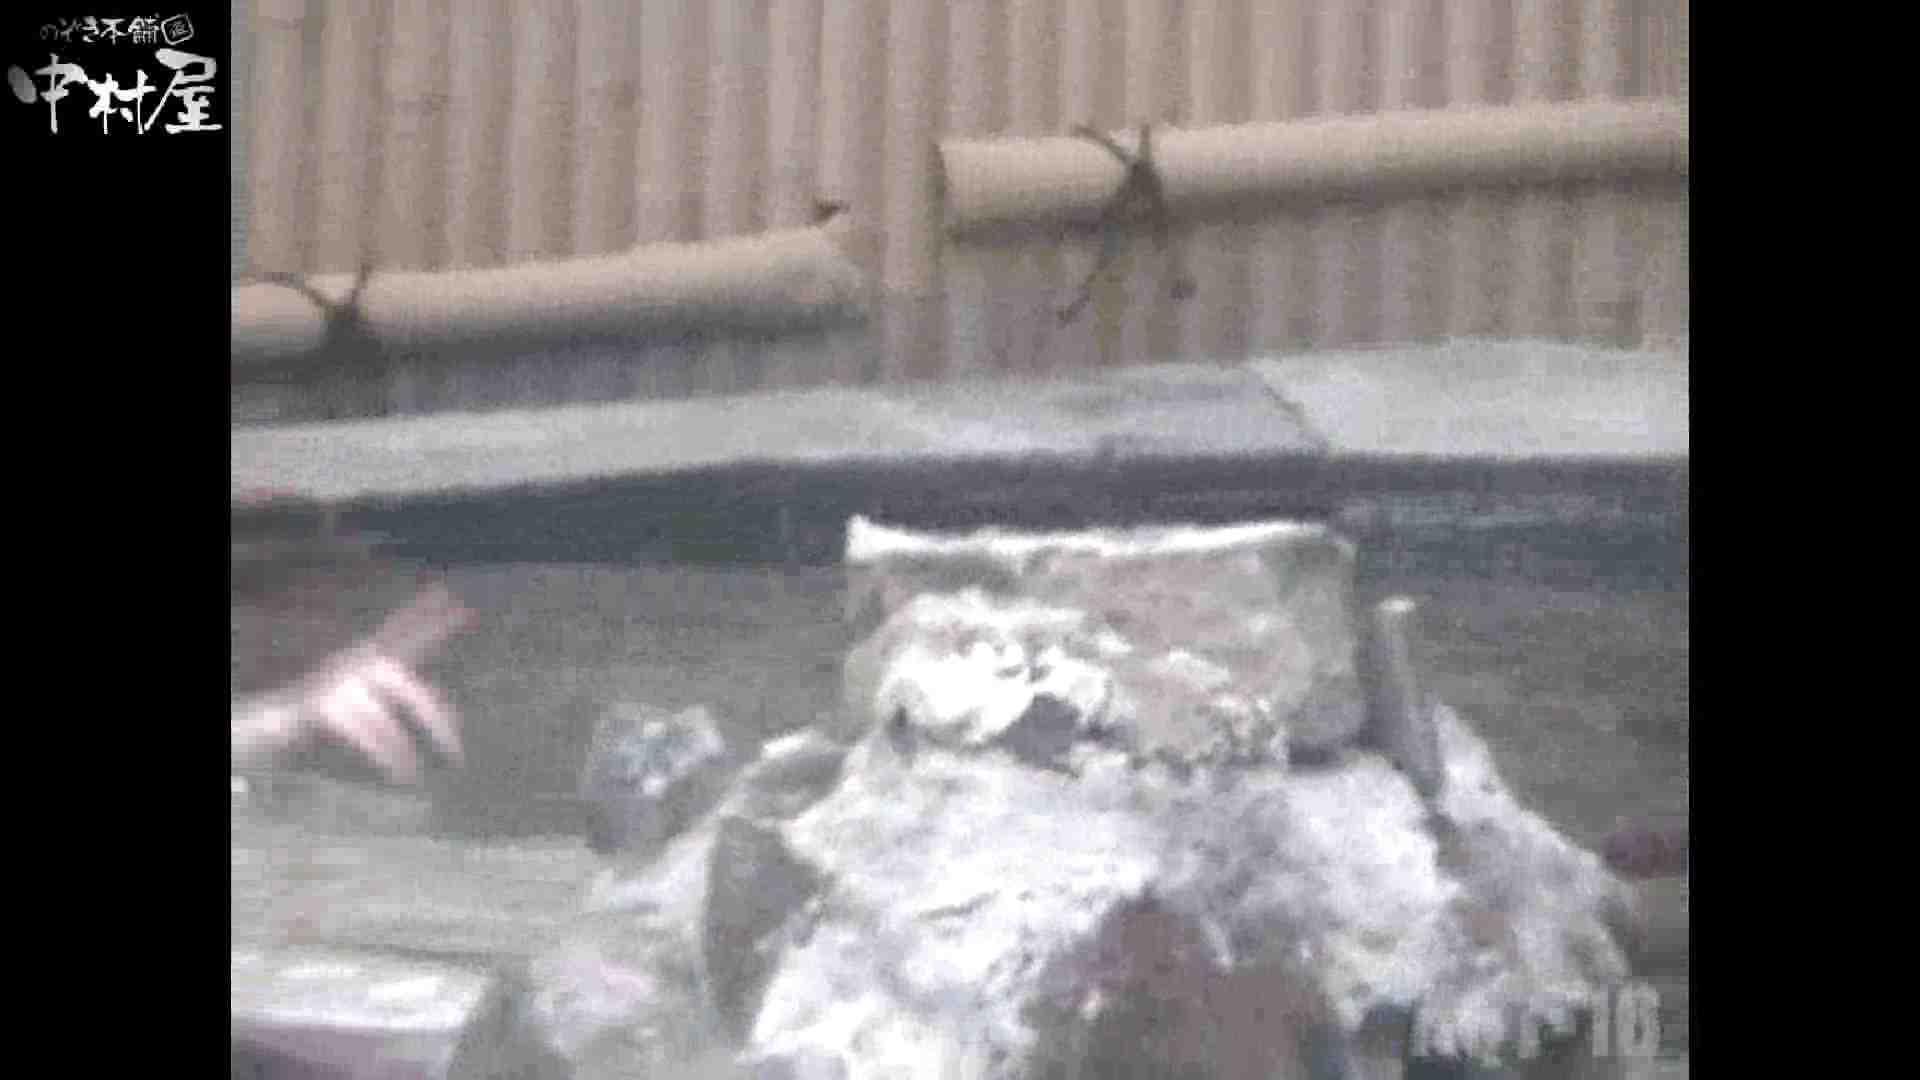 Aquaな露天風呂Vol.880潜入盗撮露天風呂十六判湯 其の七 盗撮シリーズ | 潜入  111PIX 46